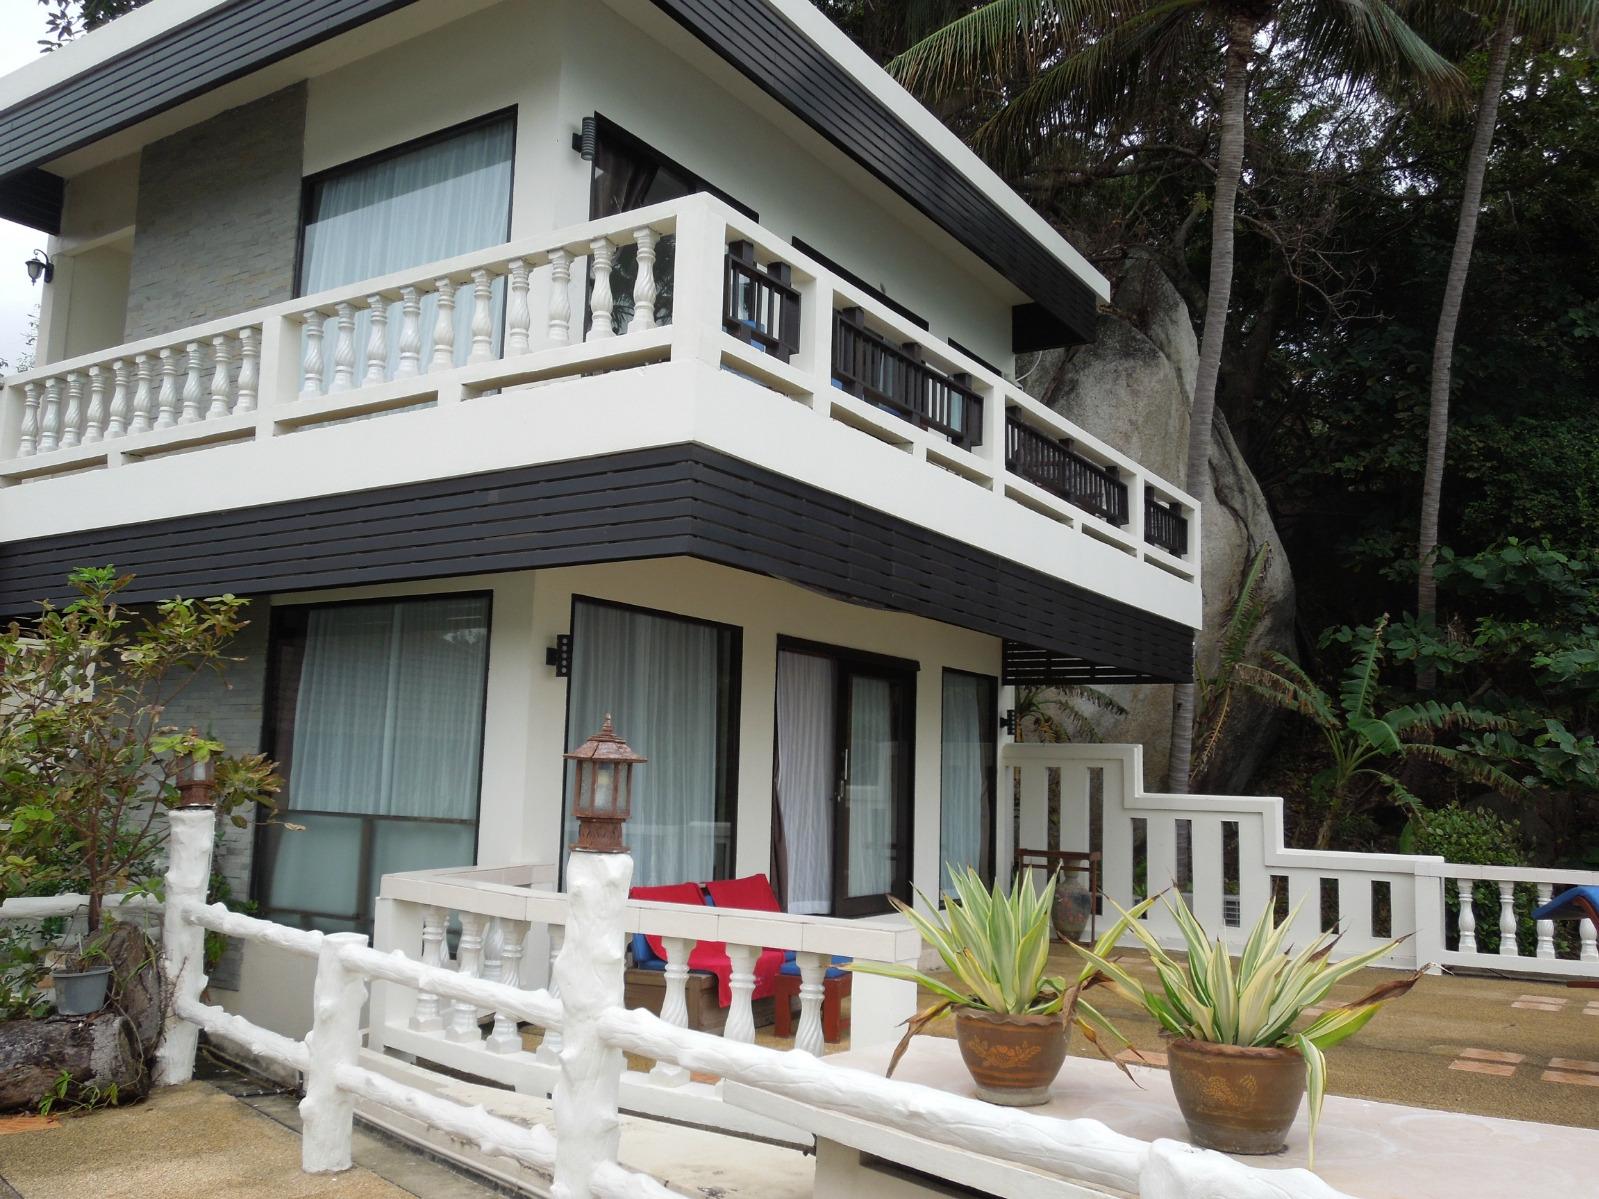 苏梅岛水晶湾海滩度假酒店(crystal bay beach resort